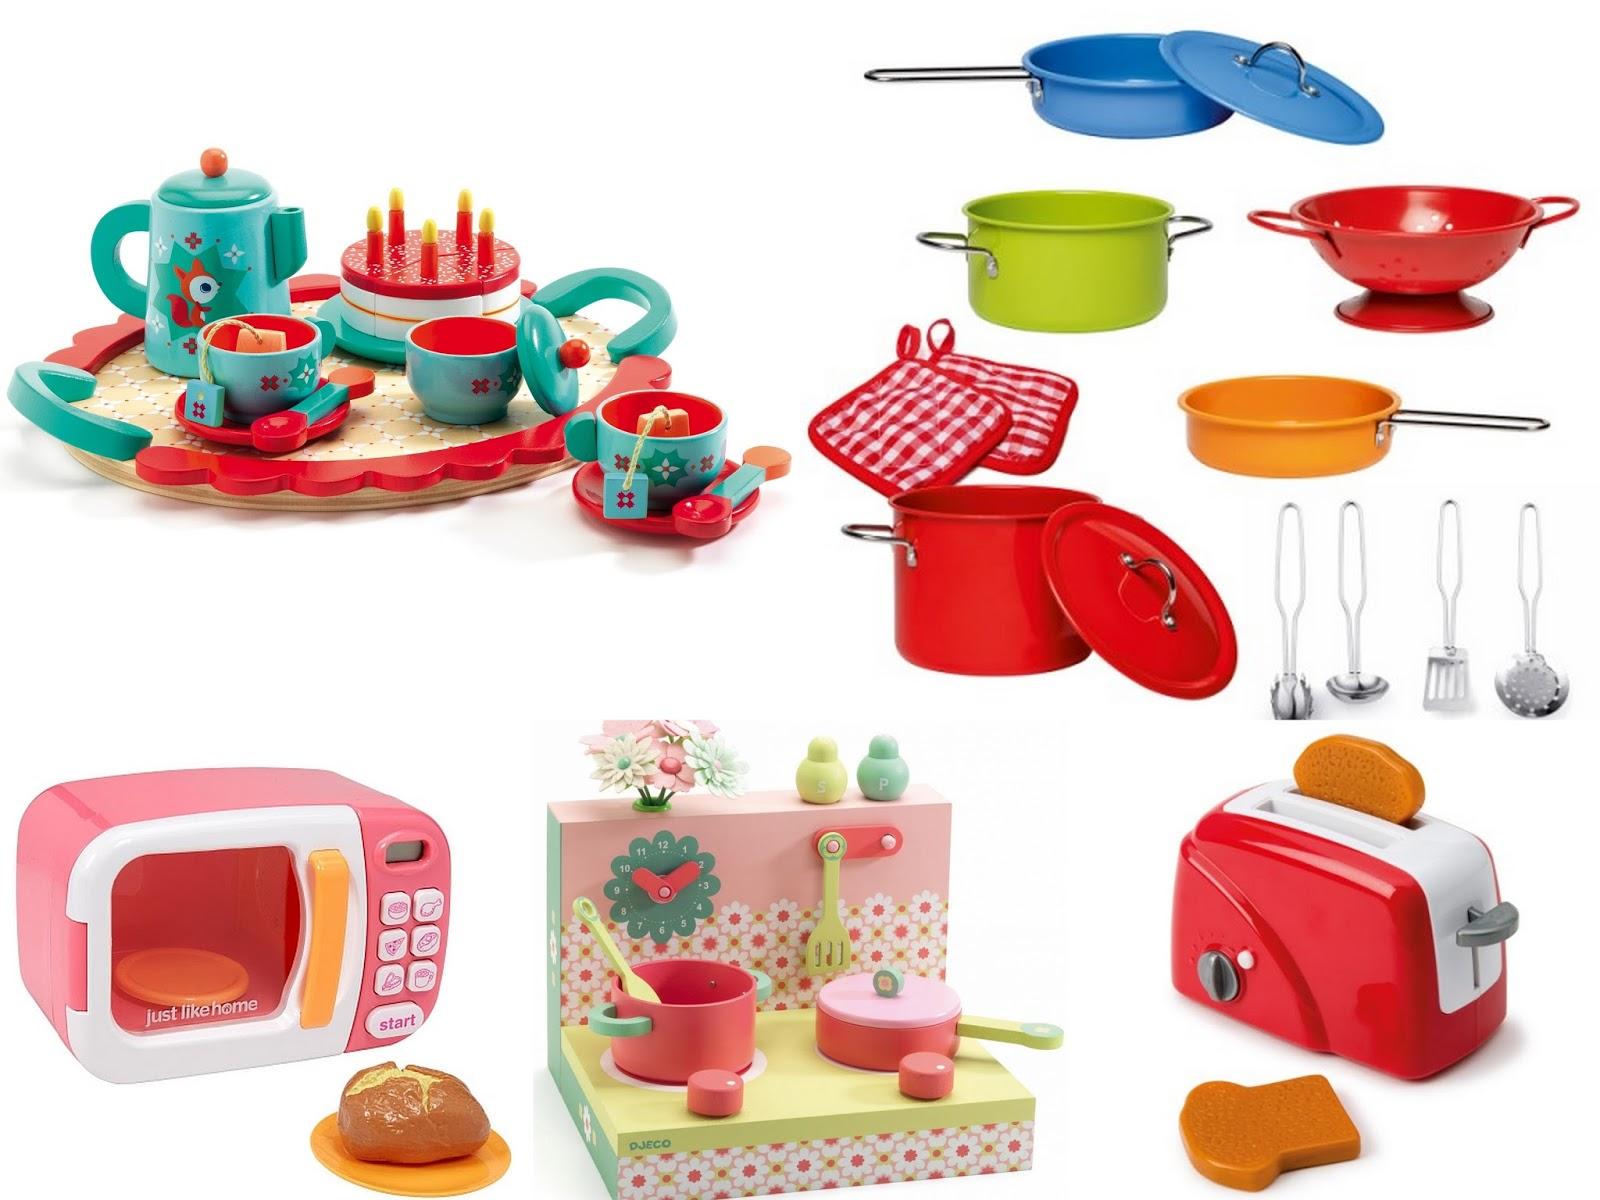 maaademoiselle a id es cadeaux pour une petite fille de 3 ans no l et anniversaire. Black Bedroom Furniture Sets. Home Design Ideas